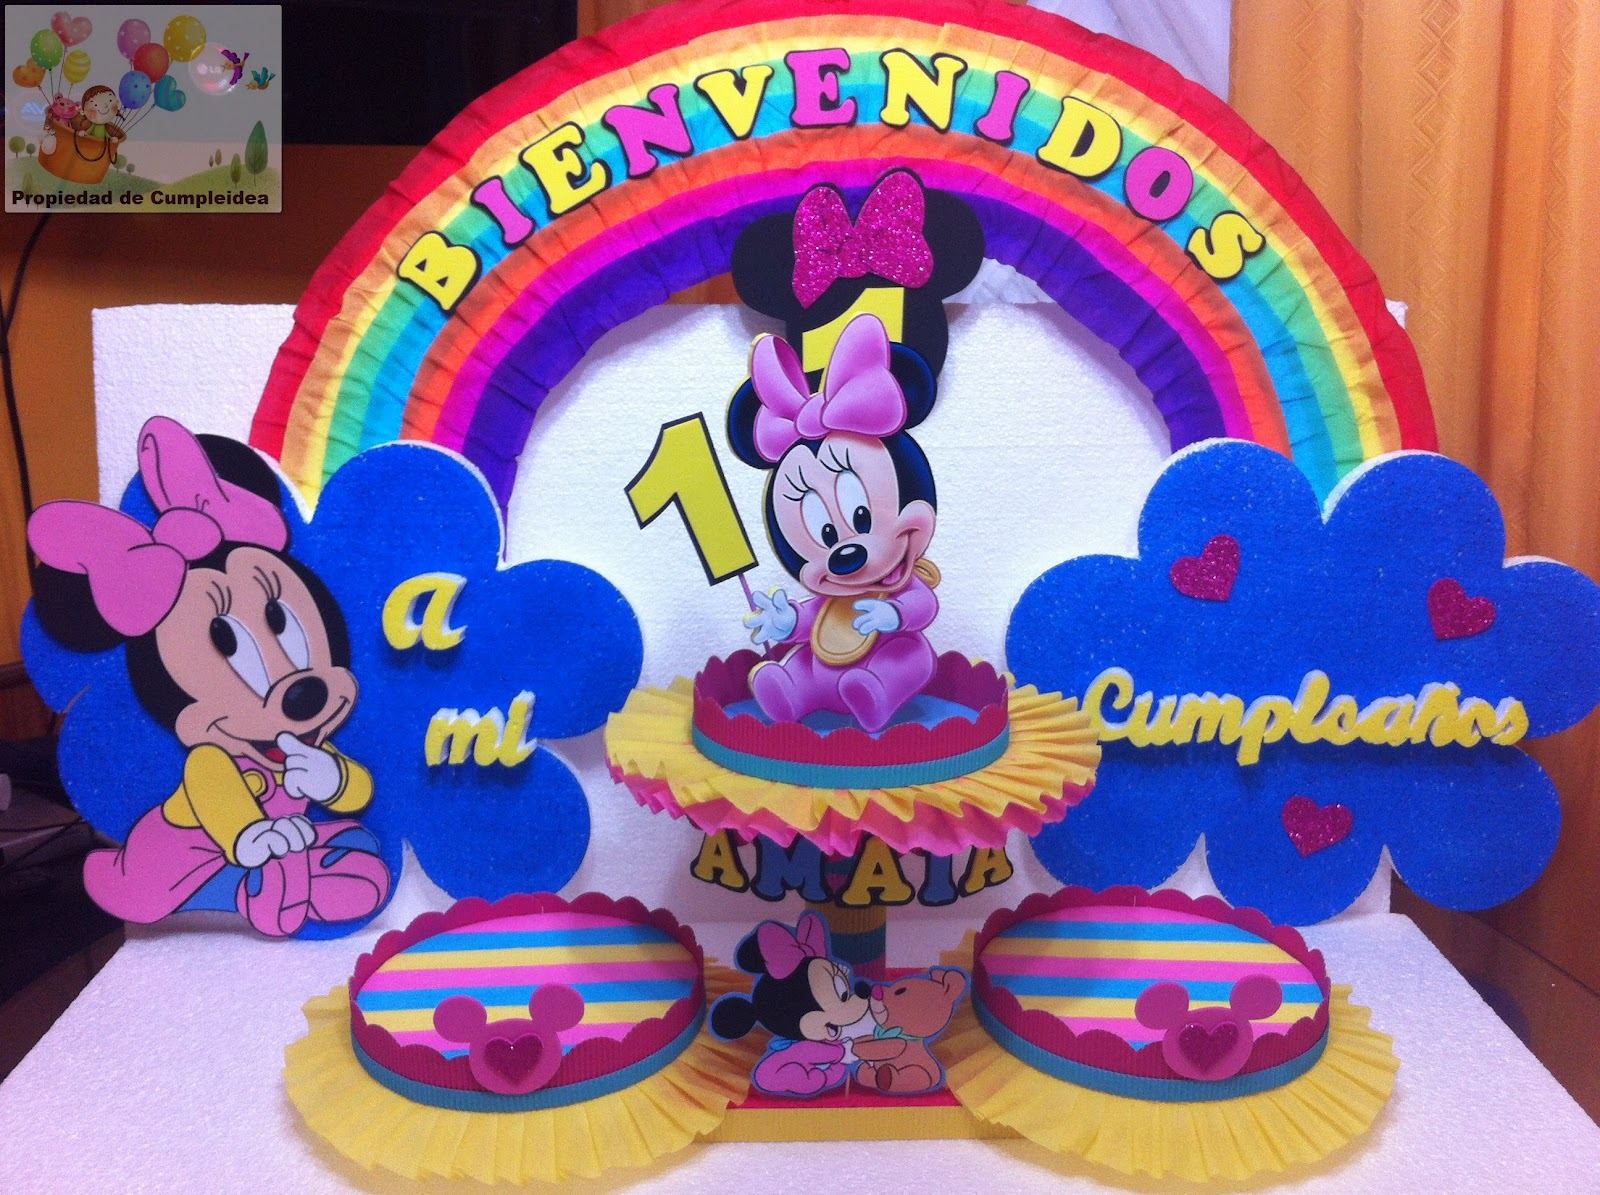 Decoraciones infantiles minnie mouse bebe - Decoraciones para bebes ...